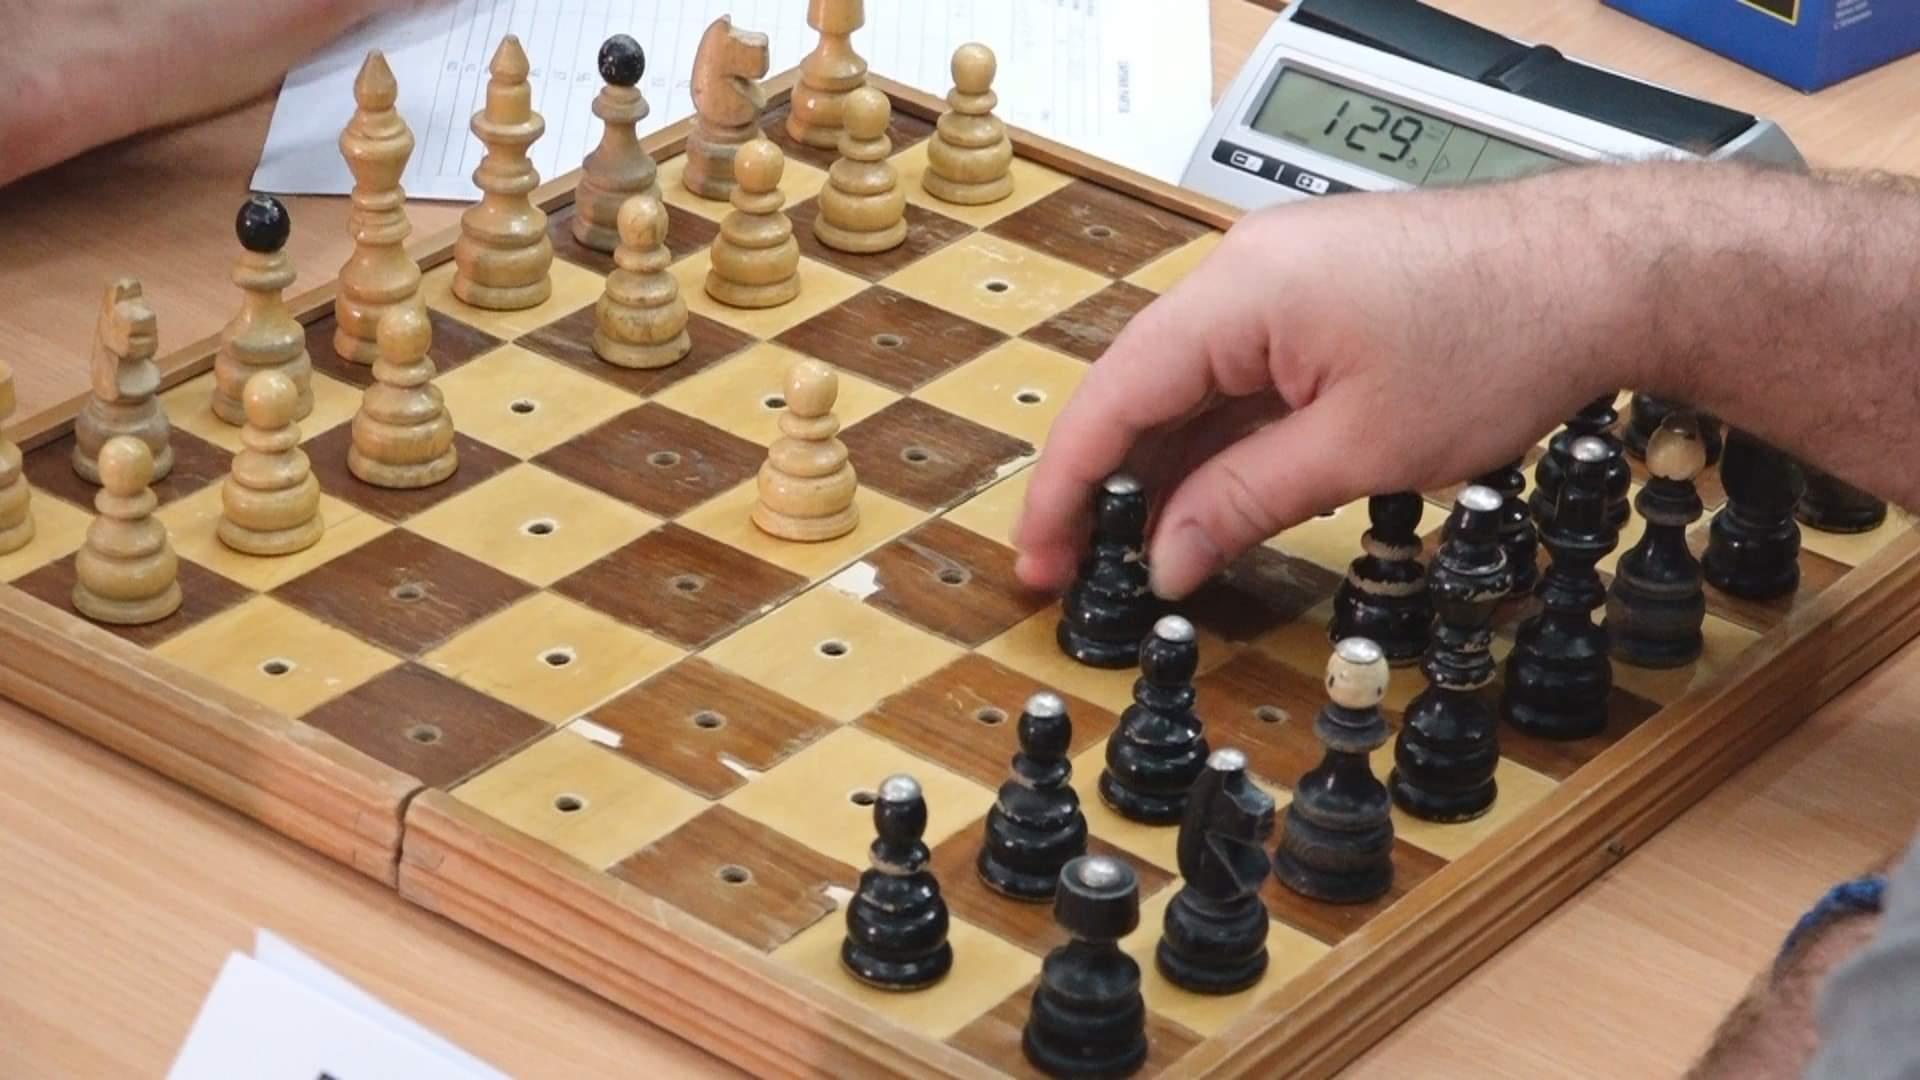 U Požarevcu održano pojedinačno 57. državno šahovsko prvenstvo slepih i slabovidih 37938